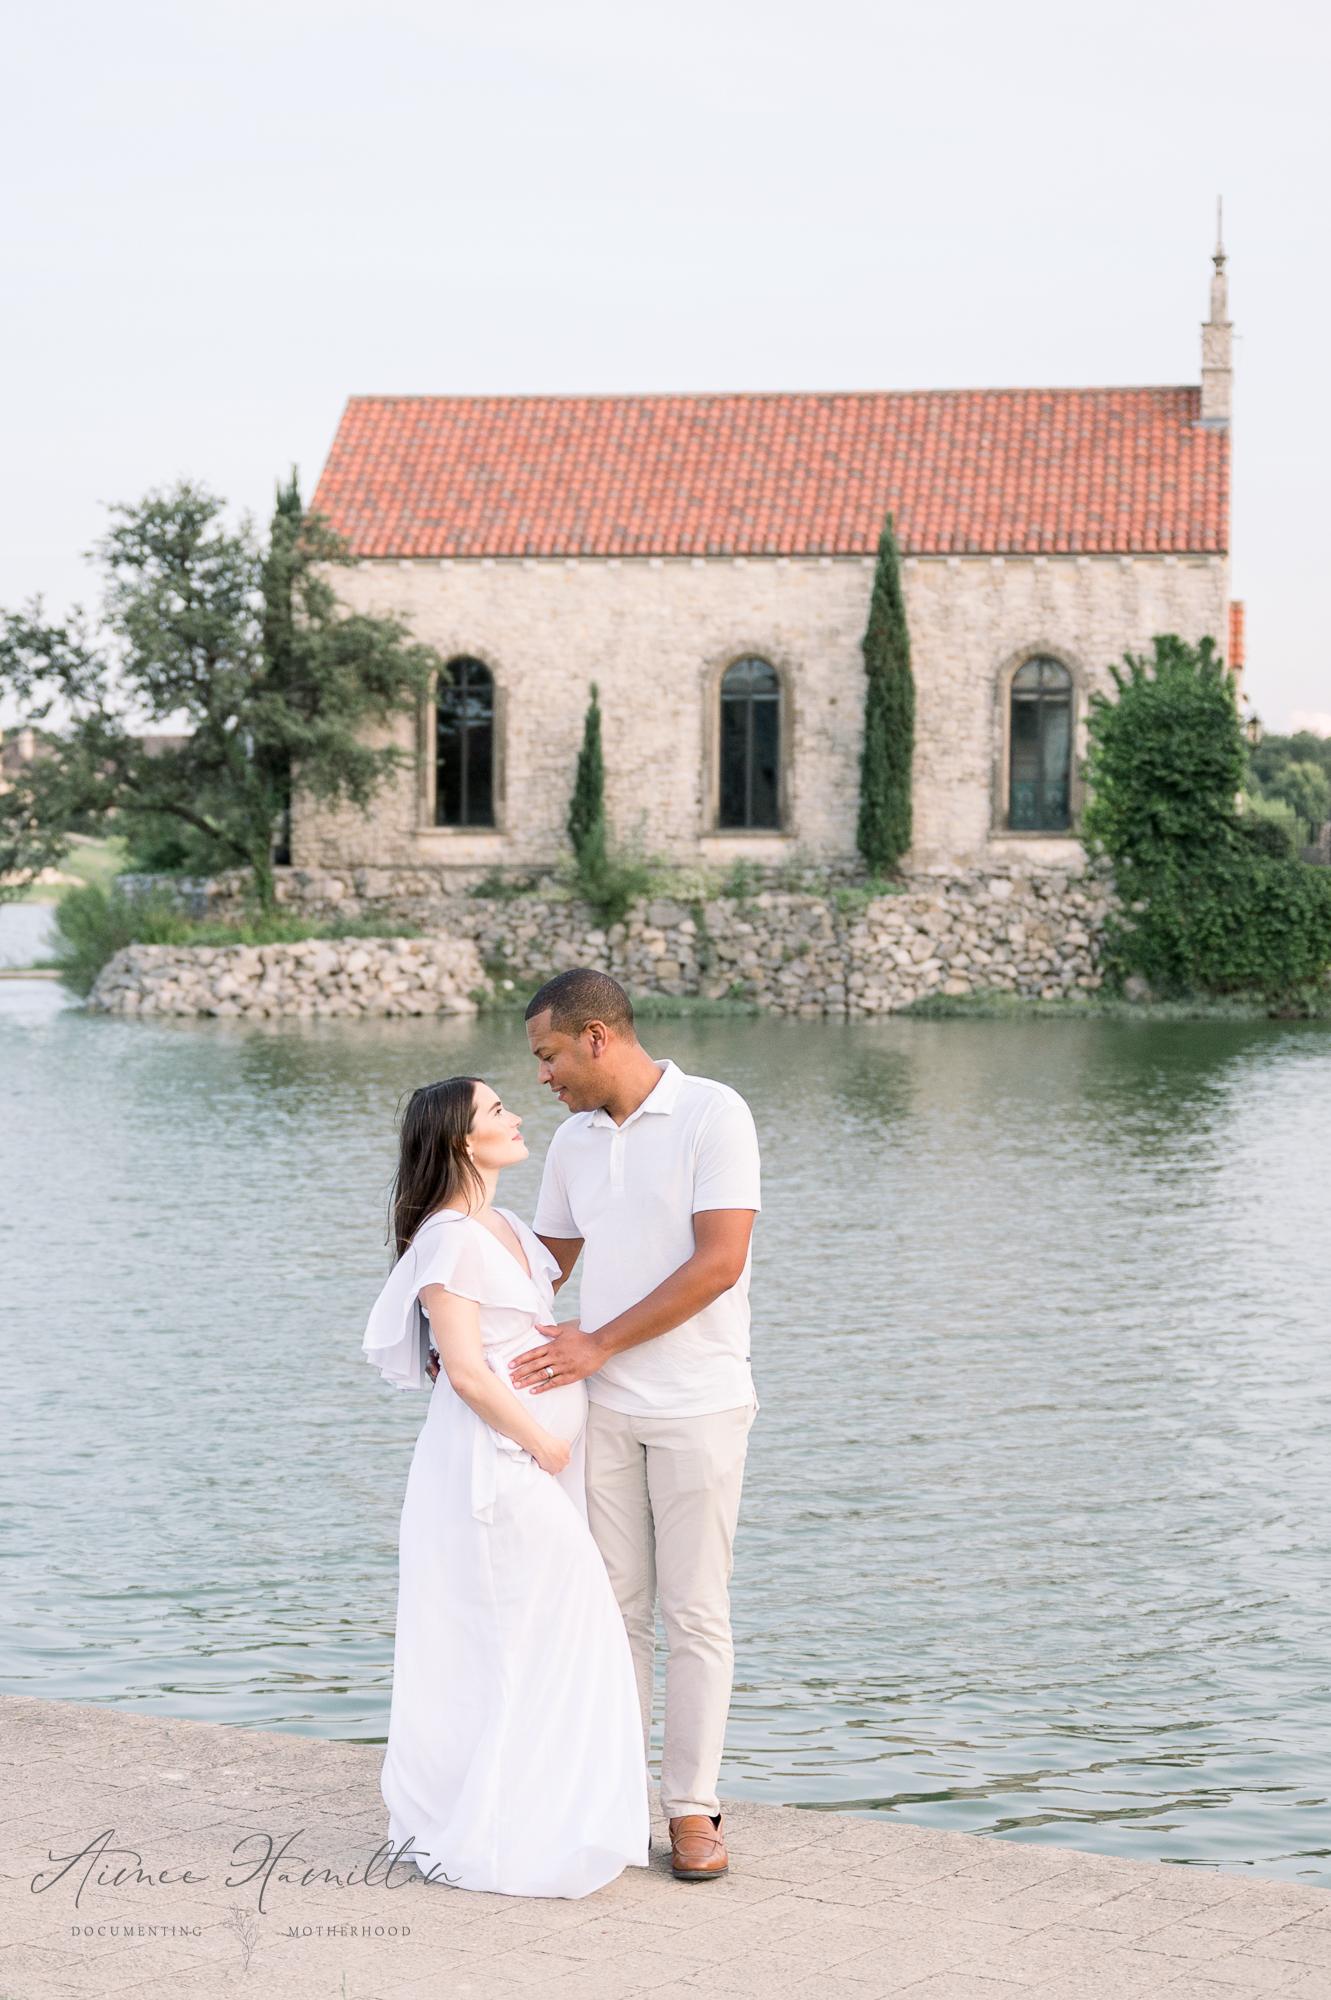 Adriatica Village Maternity Photo